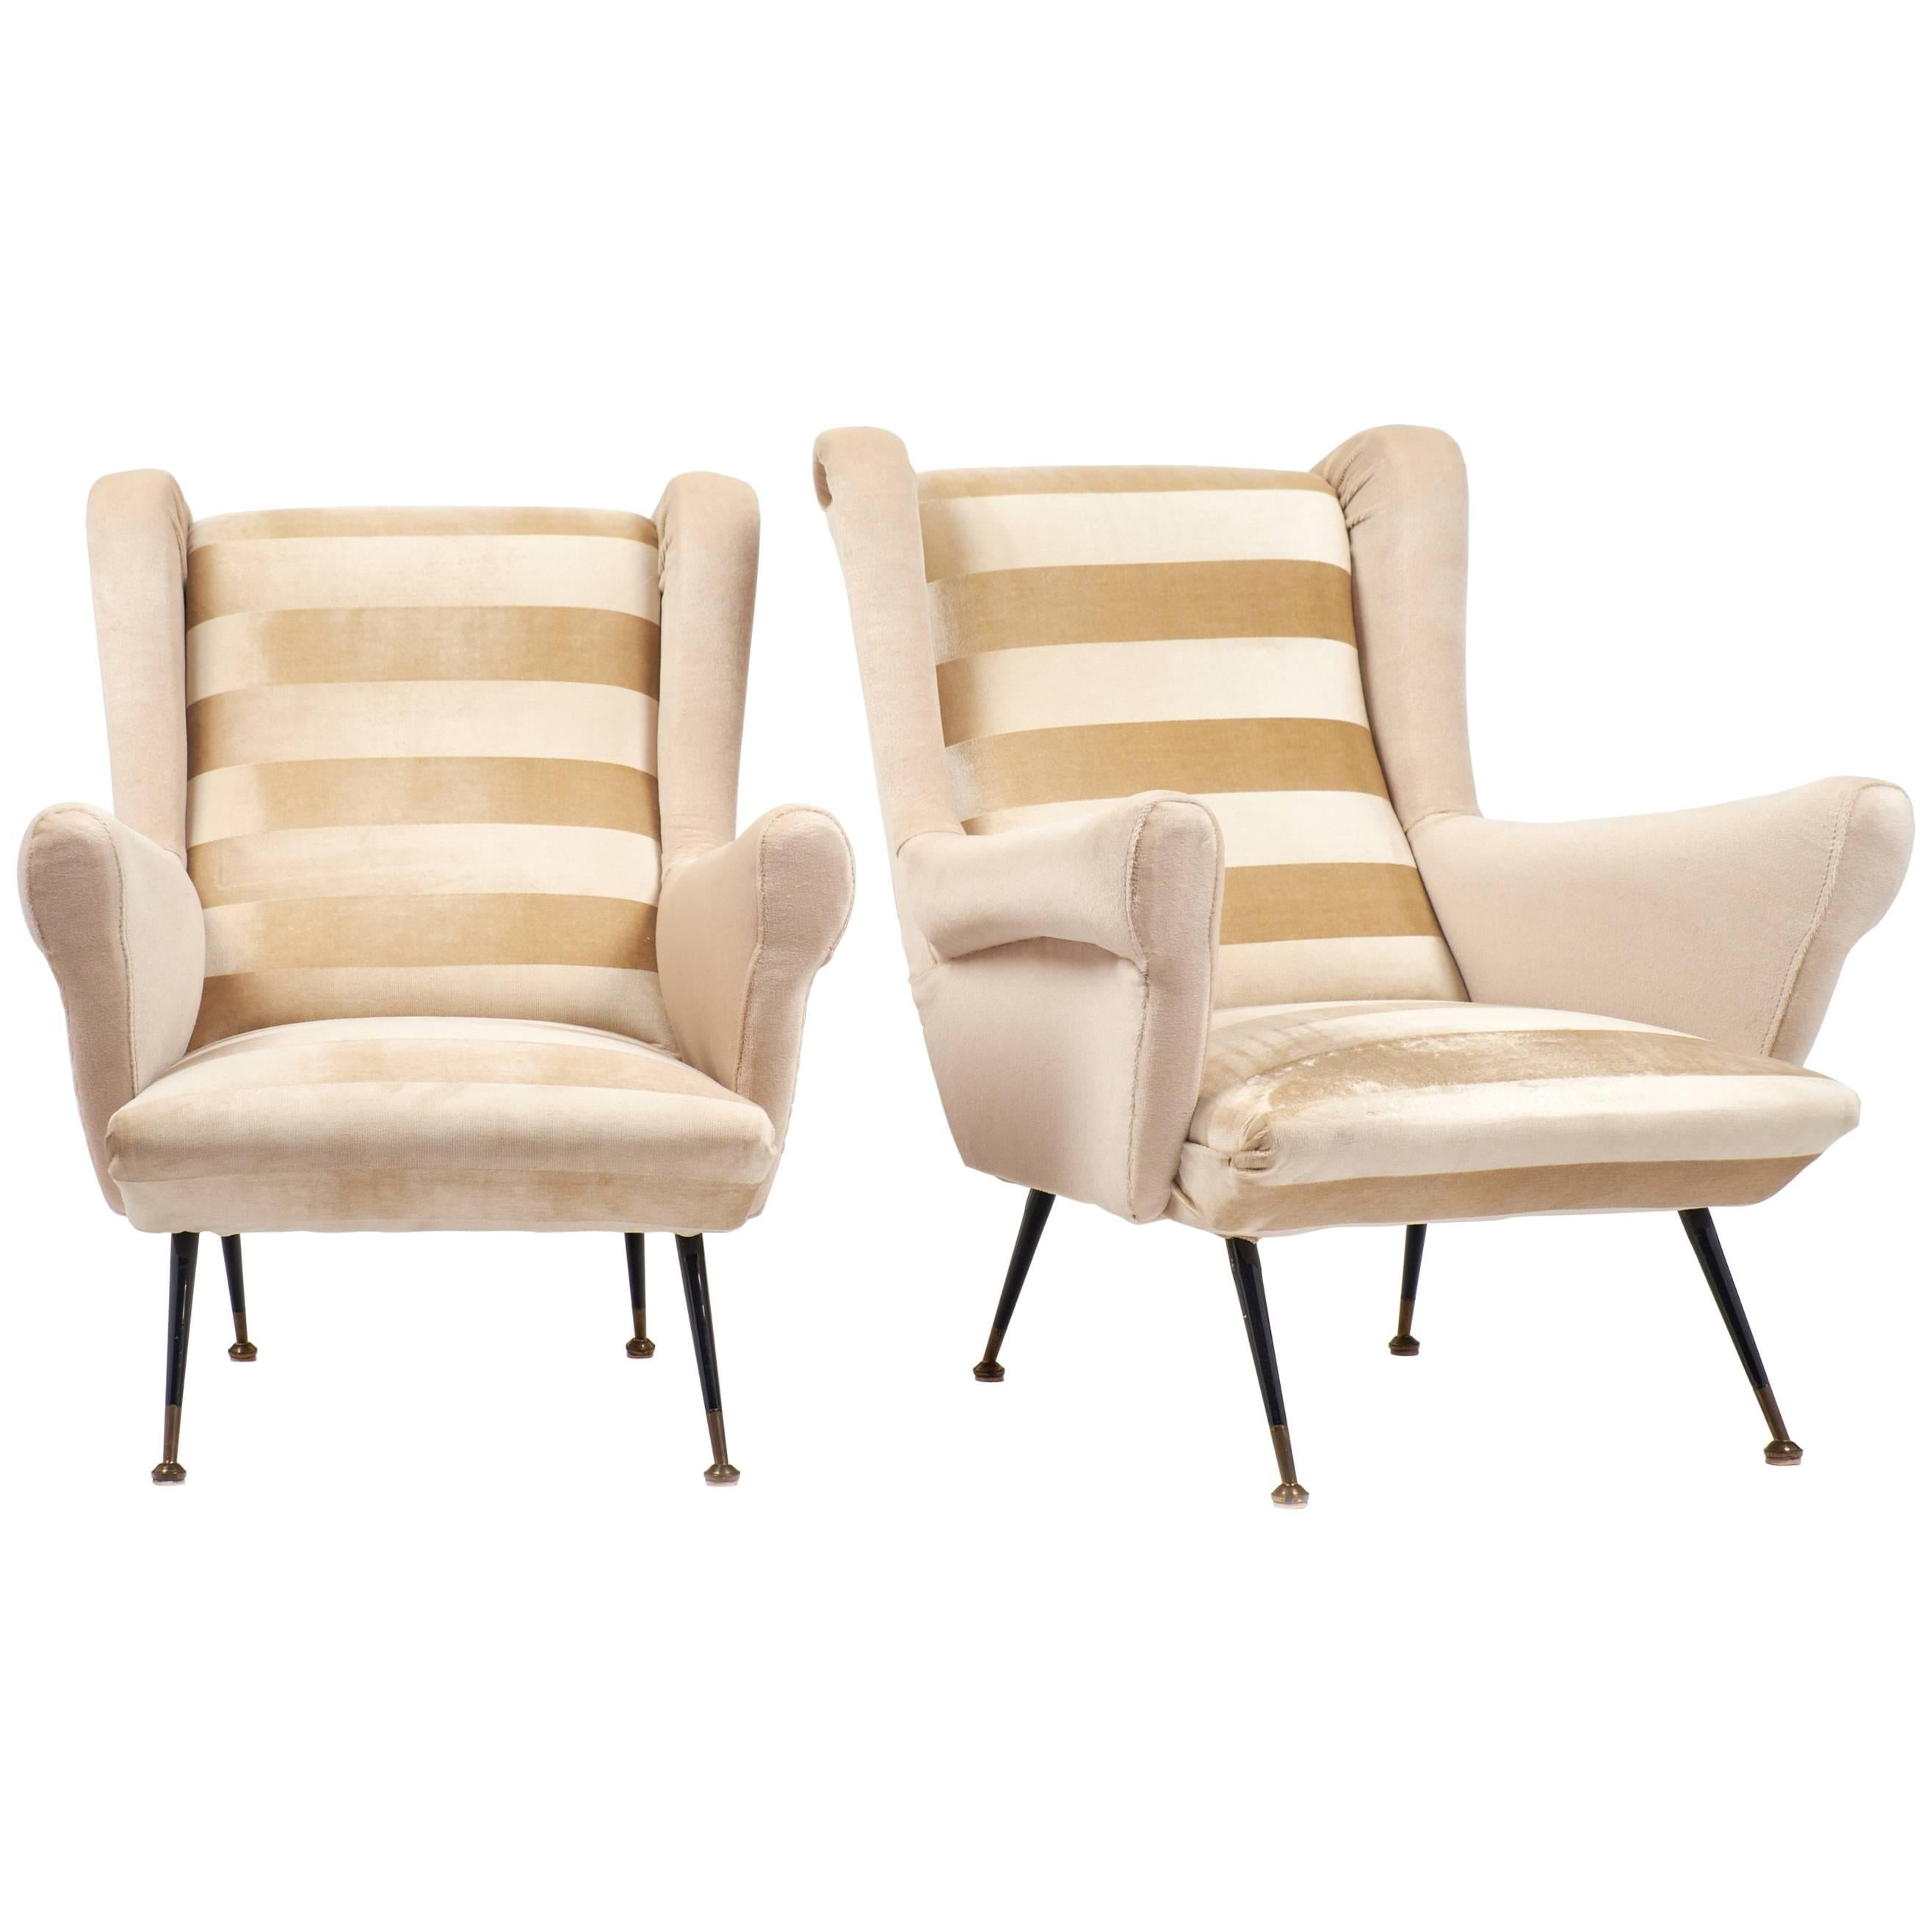 Italian Mid-Century Modern Striped Velvet Armchairs